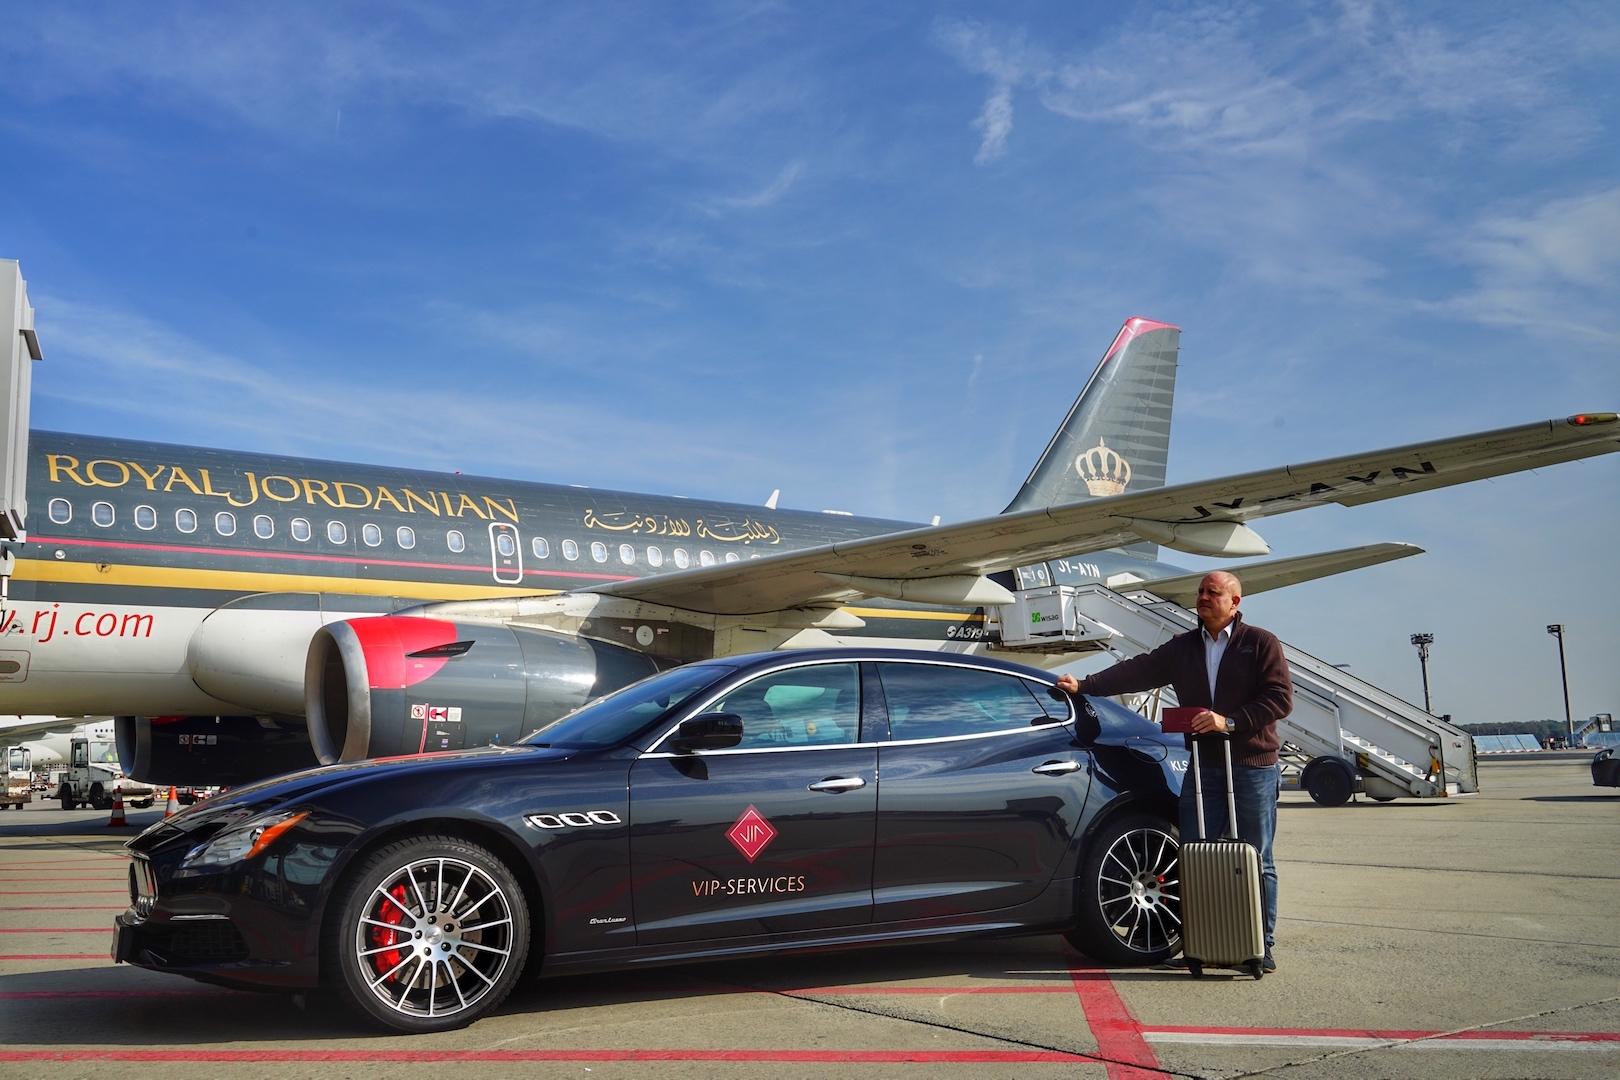 Diesmal ging es mit einem Maserati Quattroporte zumbereitstehendenA320 von Royal Jordanian. FrontRowSociety Herausgeber Andreas Conrad ist vom VIP-Service des Frankfurt Airports überzeugt